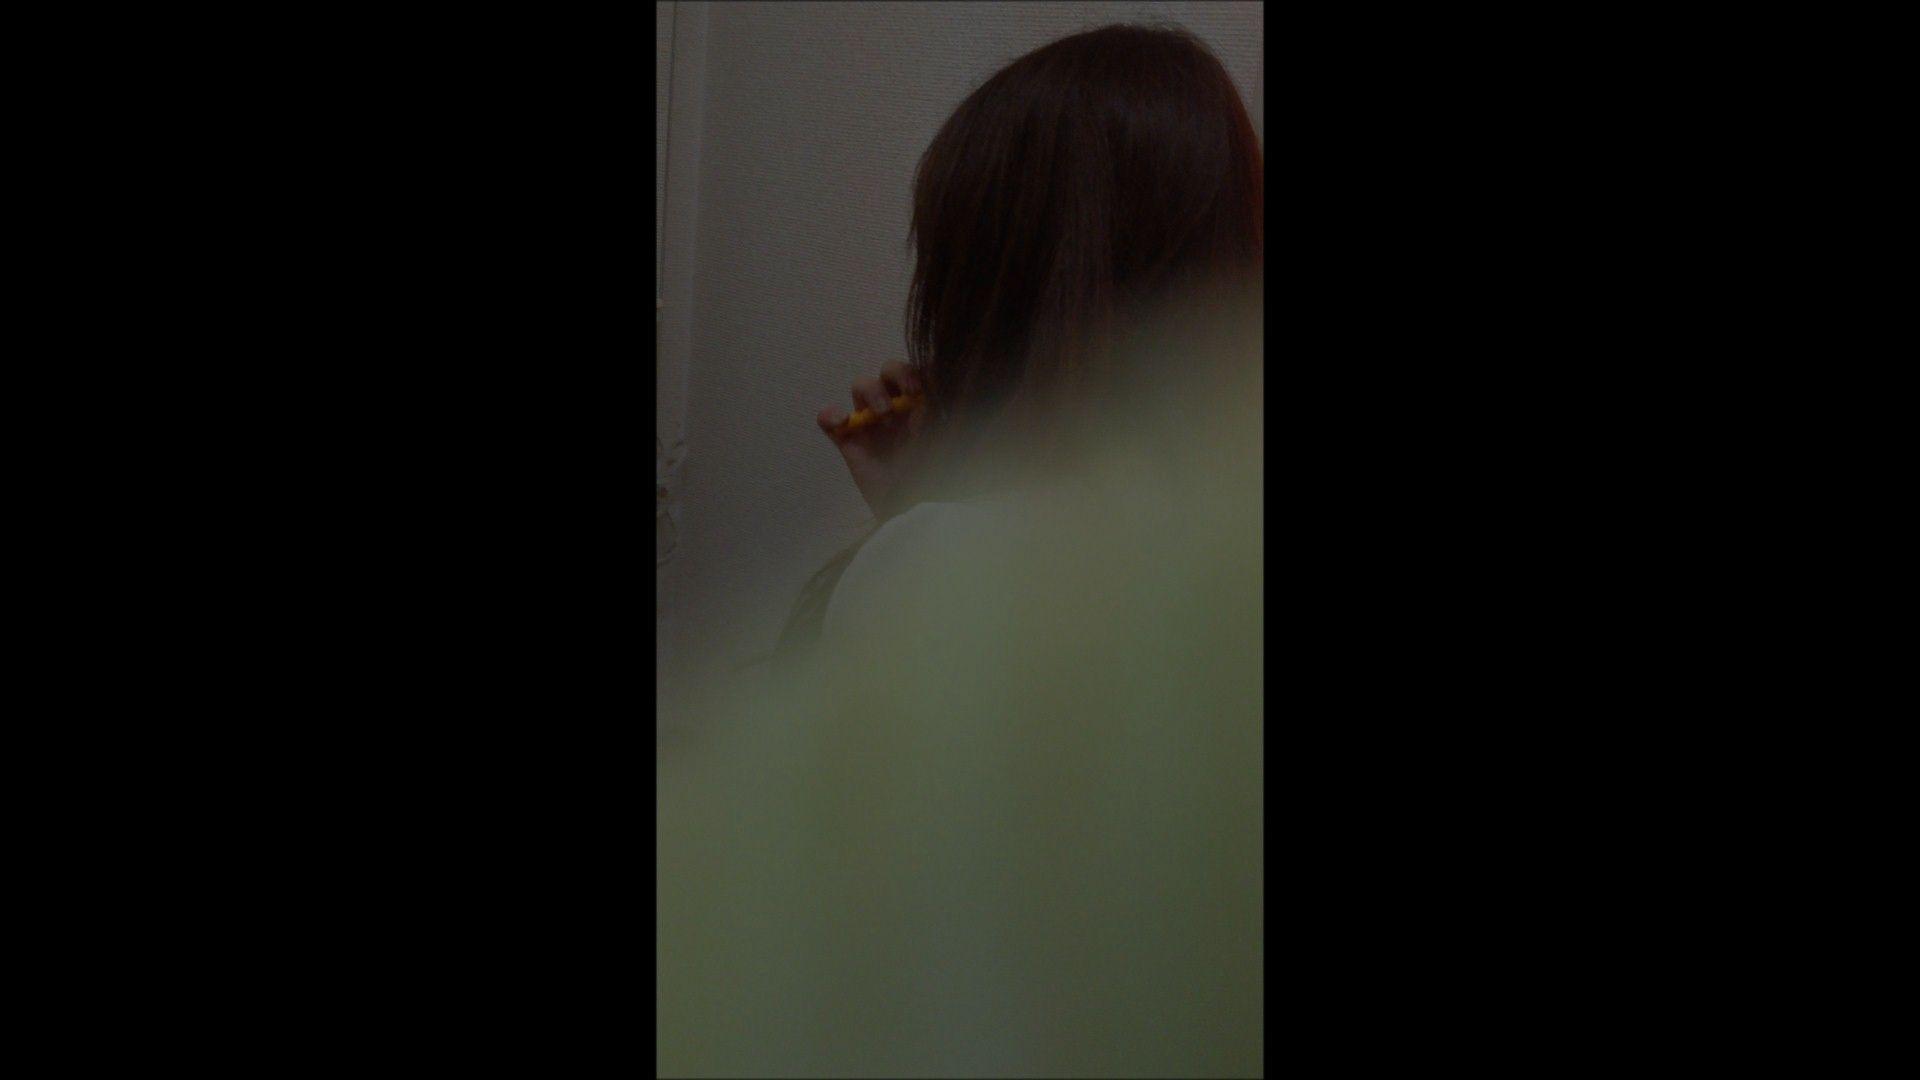 08(8日目)メイク中の彼女の顔を撮りました! いやらしいOL | いやらしい熟女  51連発 45